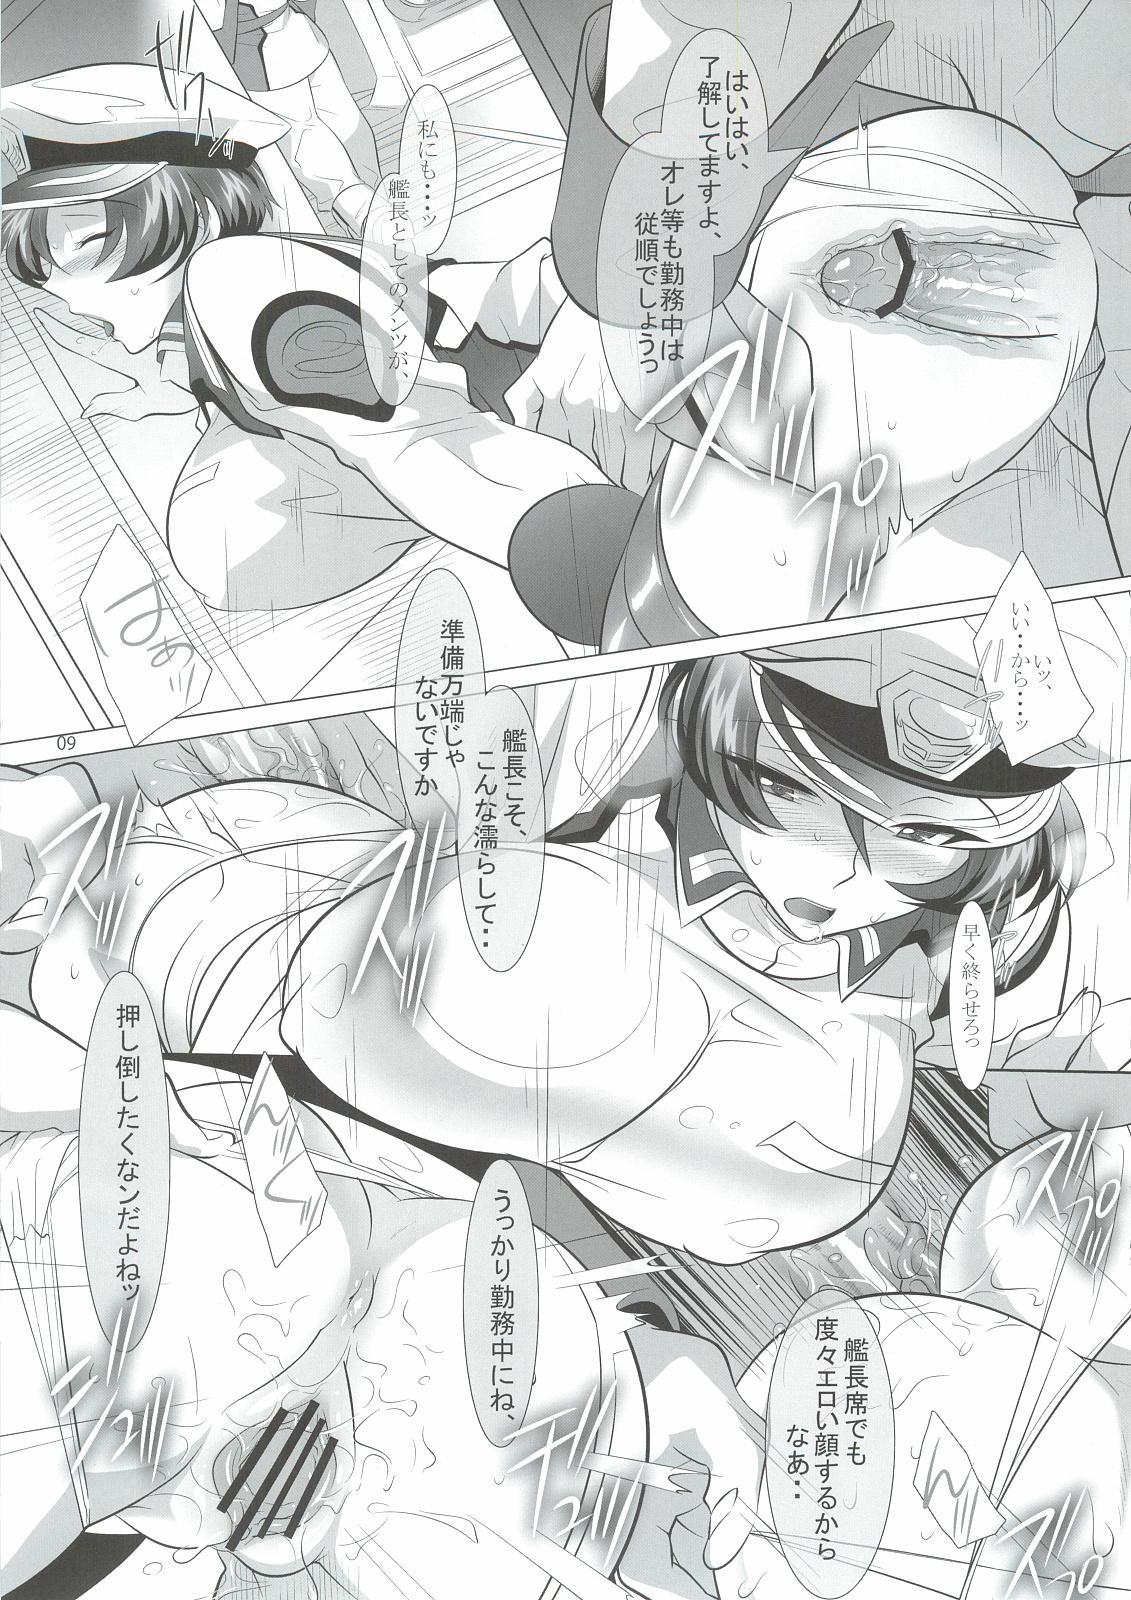 Katabutsu Kanchou Rouraku 7